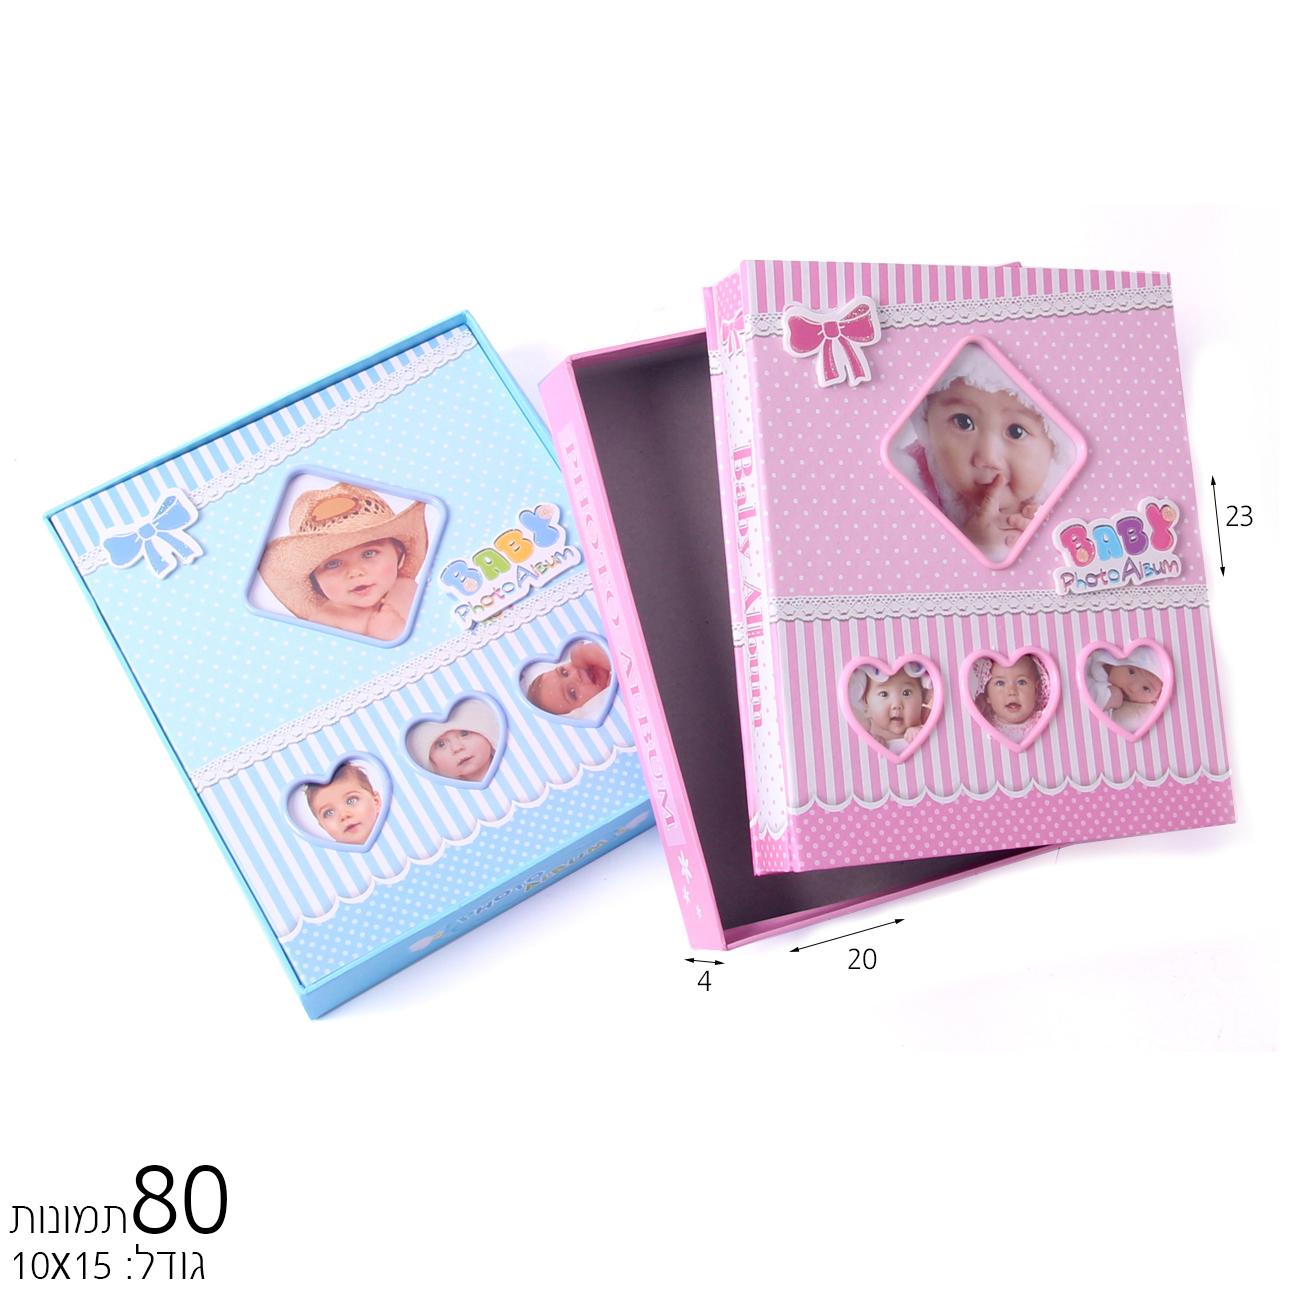 אלבום תינוק 80 תמונות